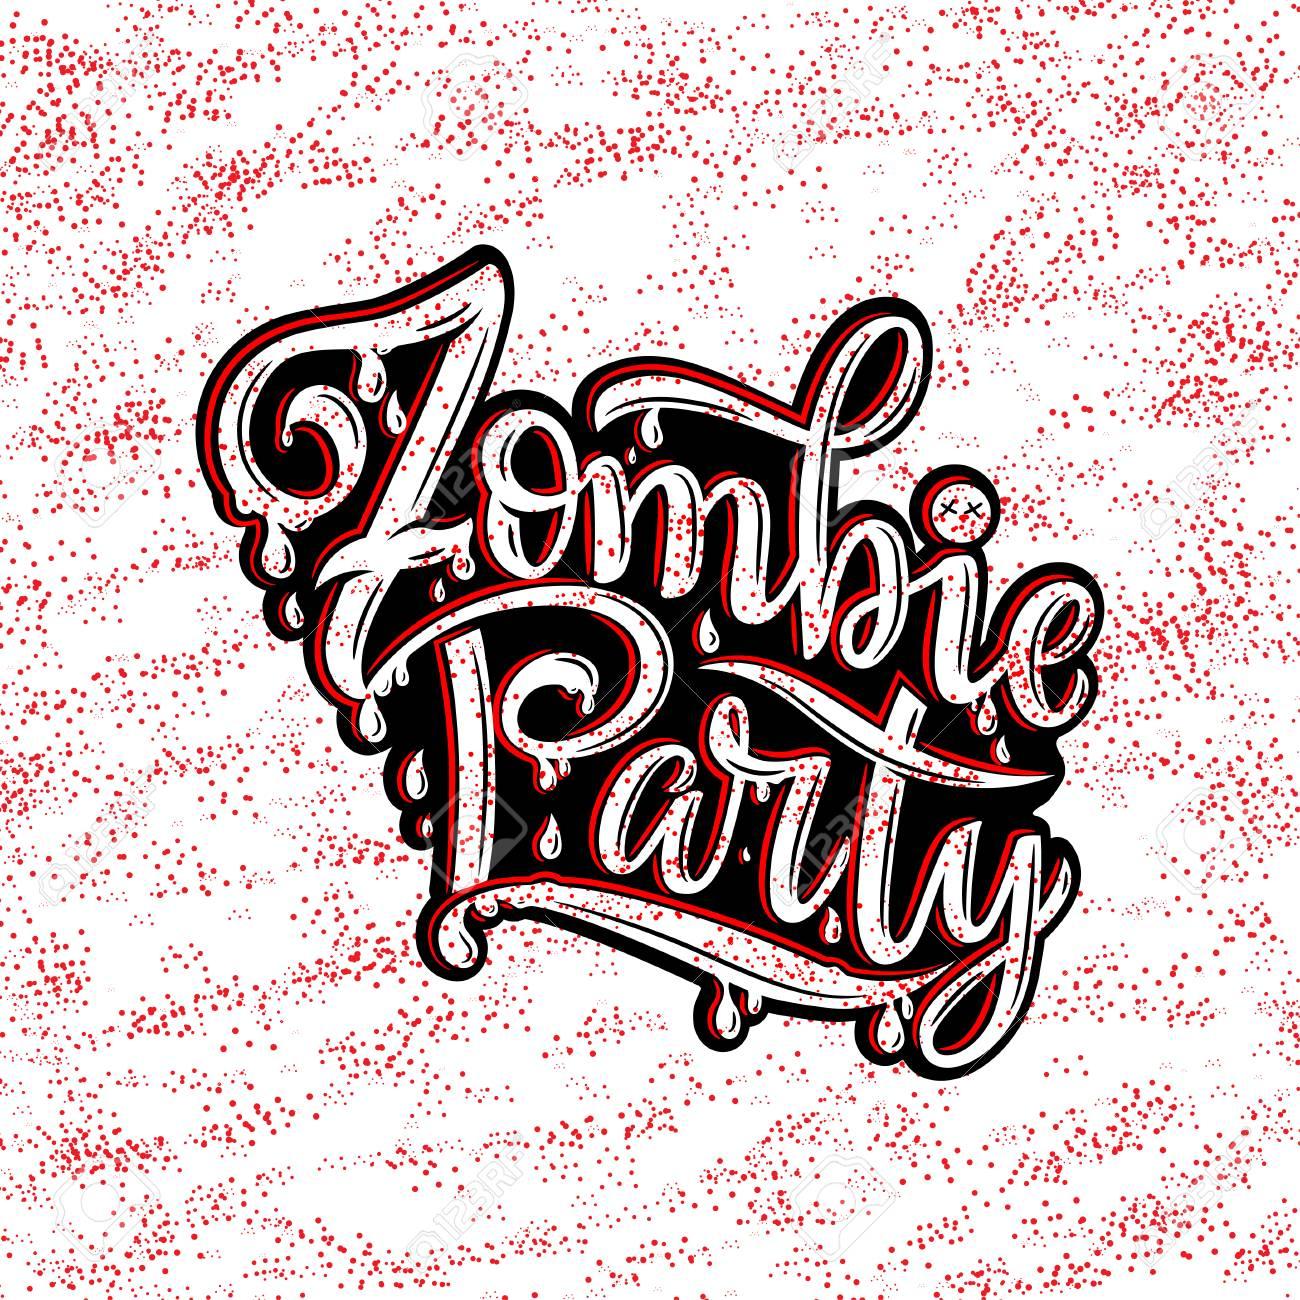 Ilustración Del Vector Del Texto Del Partido Del Zombi Para La Invitación Del Partido Tarjeta De Felicitación Bandera Cartel De Fiesta De Zombie De